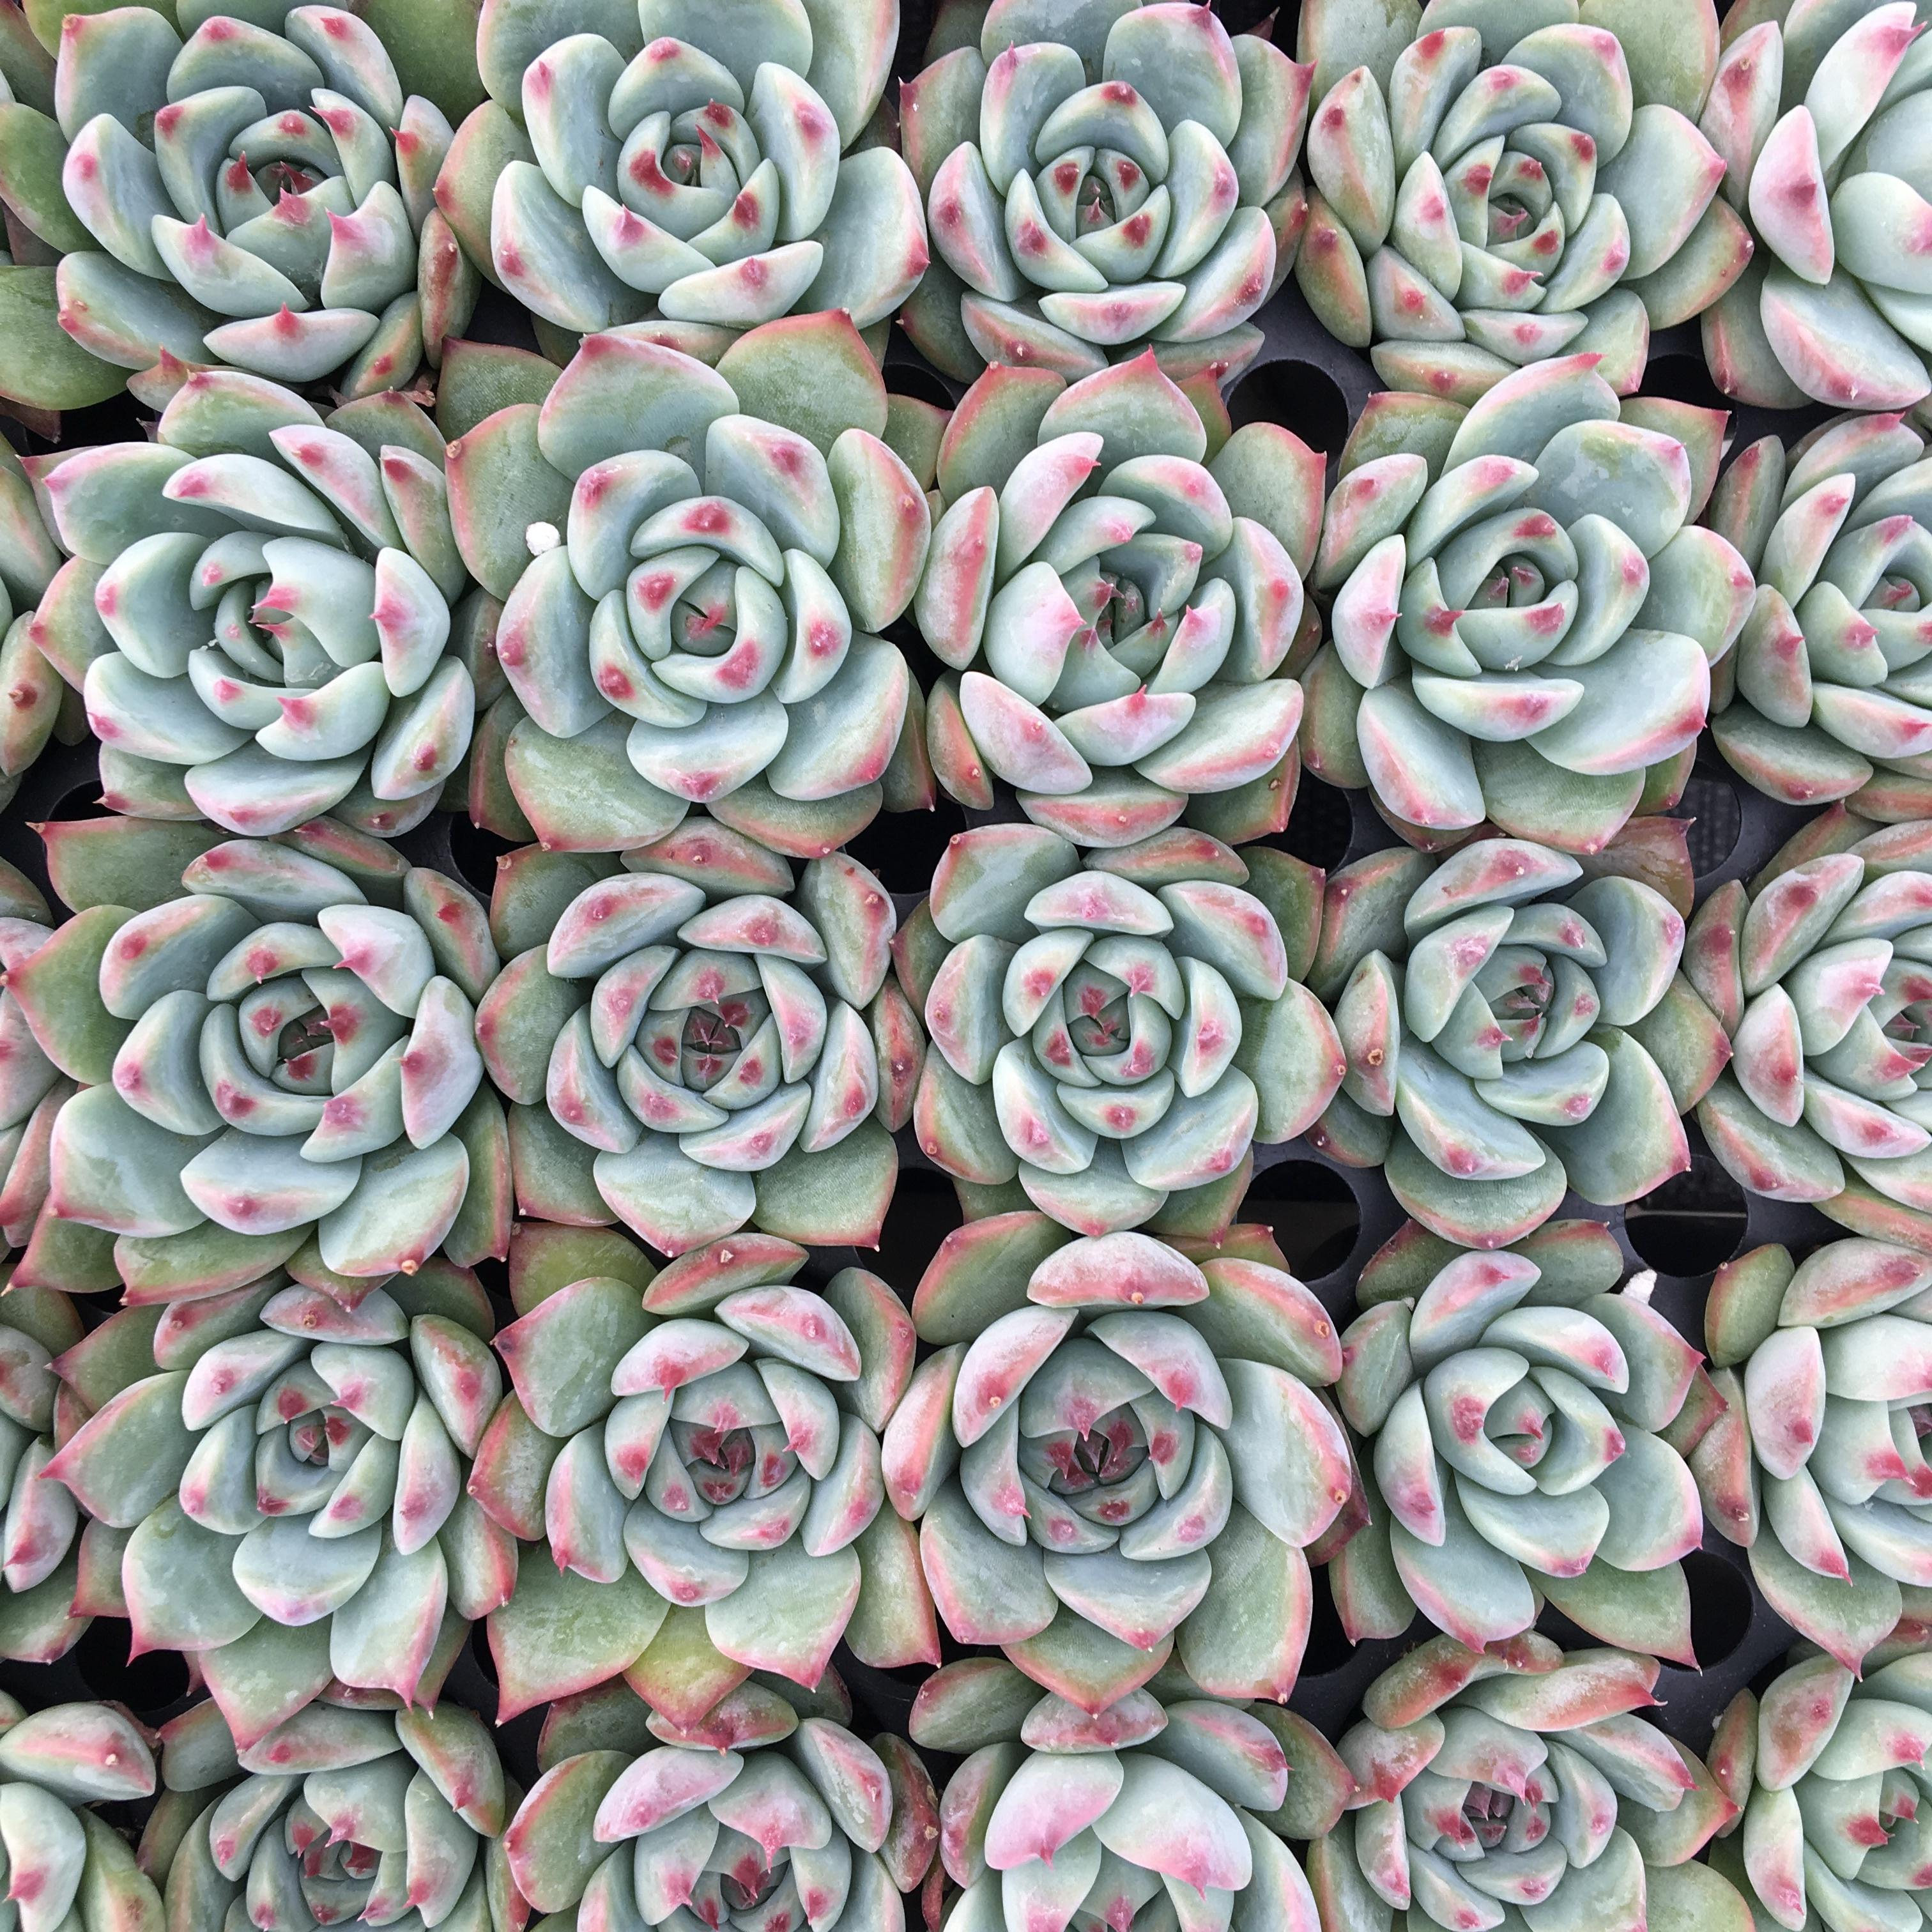 Echeveria Colorata E.Walther image